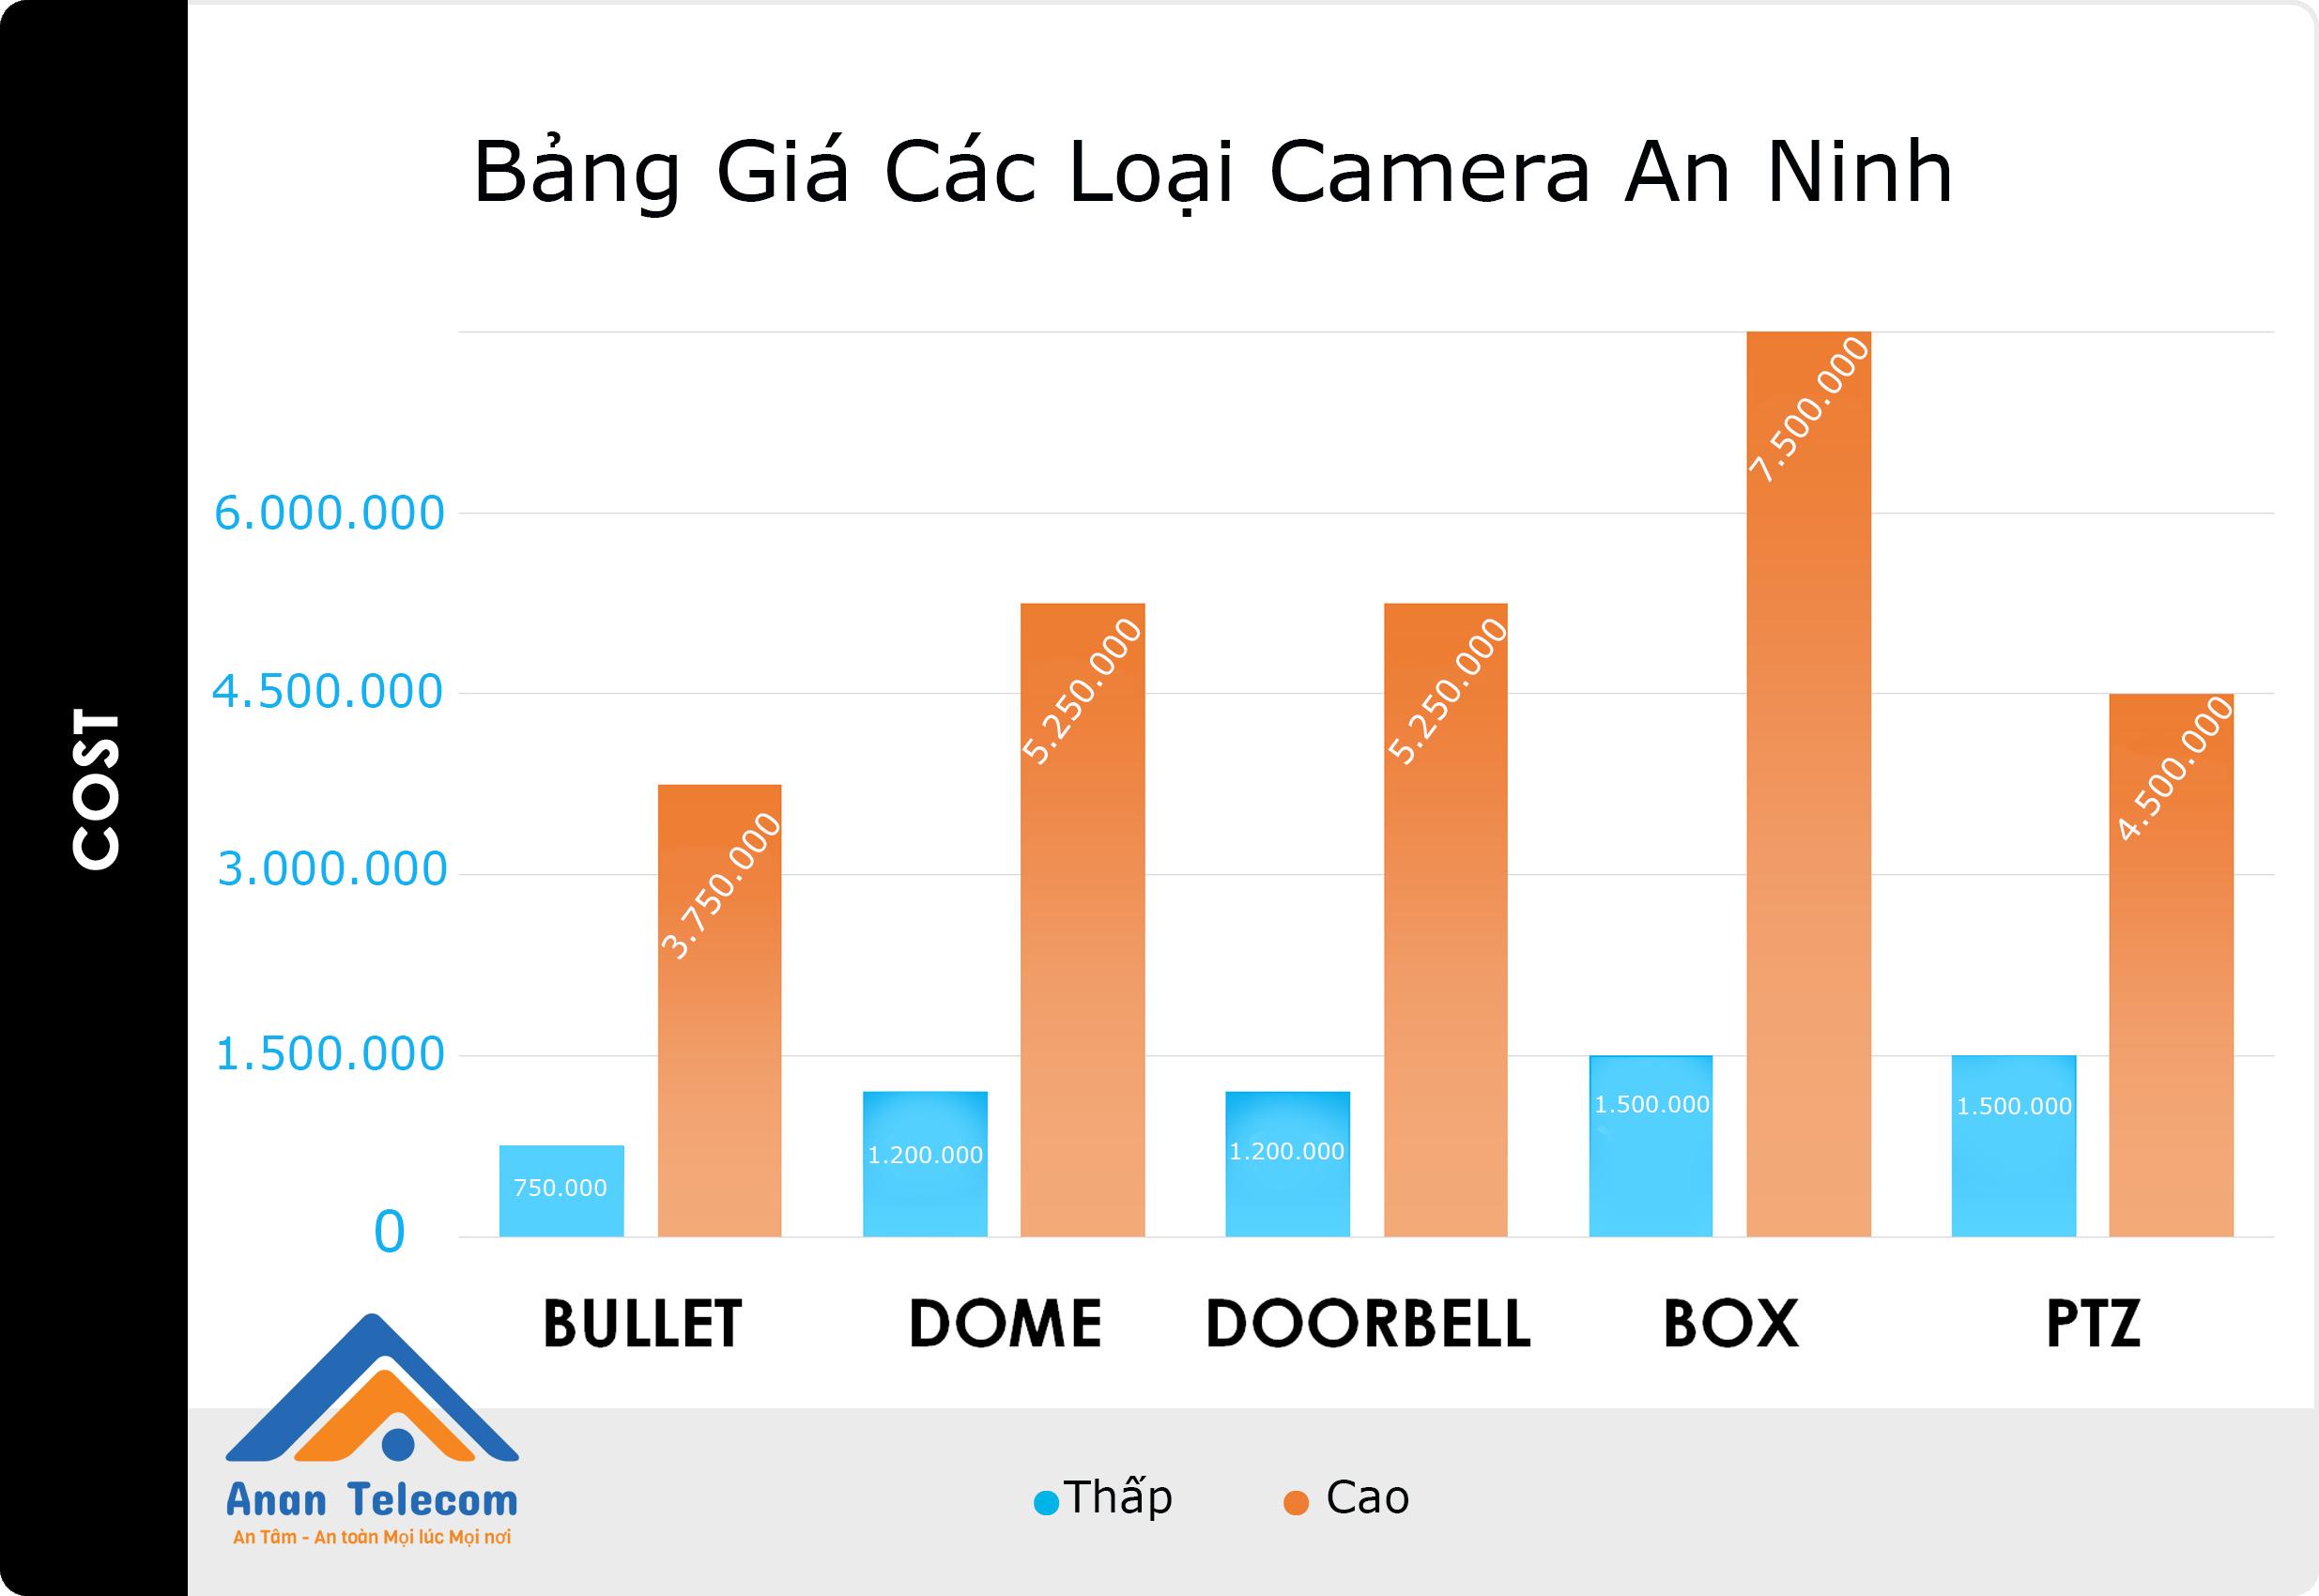 Bảng giá trung bình của các loại camera An ninh